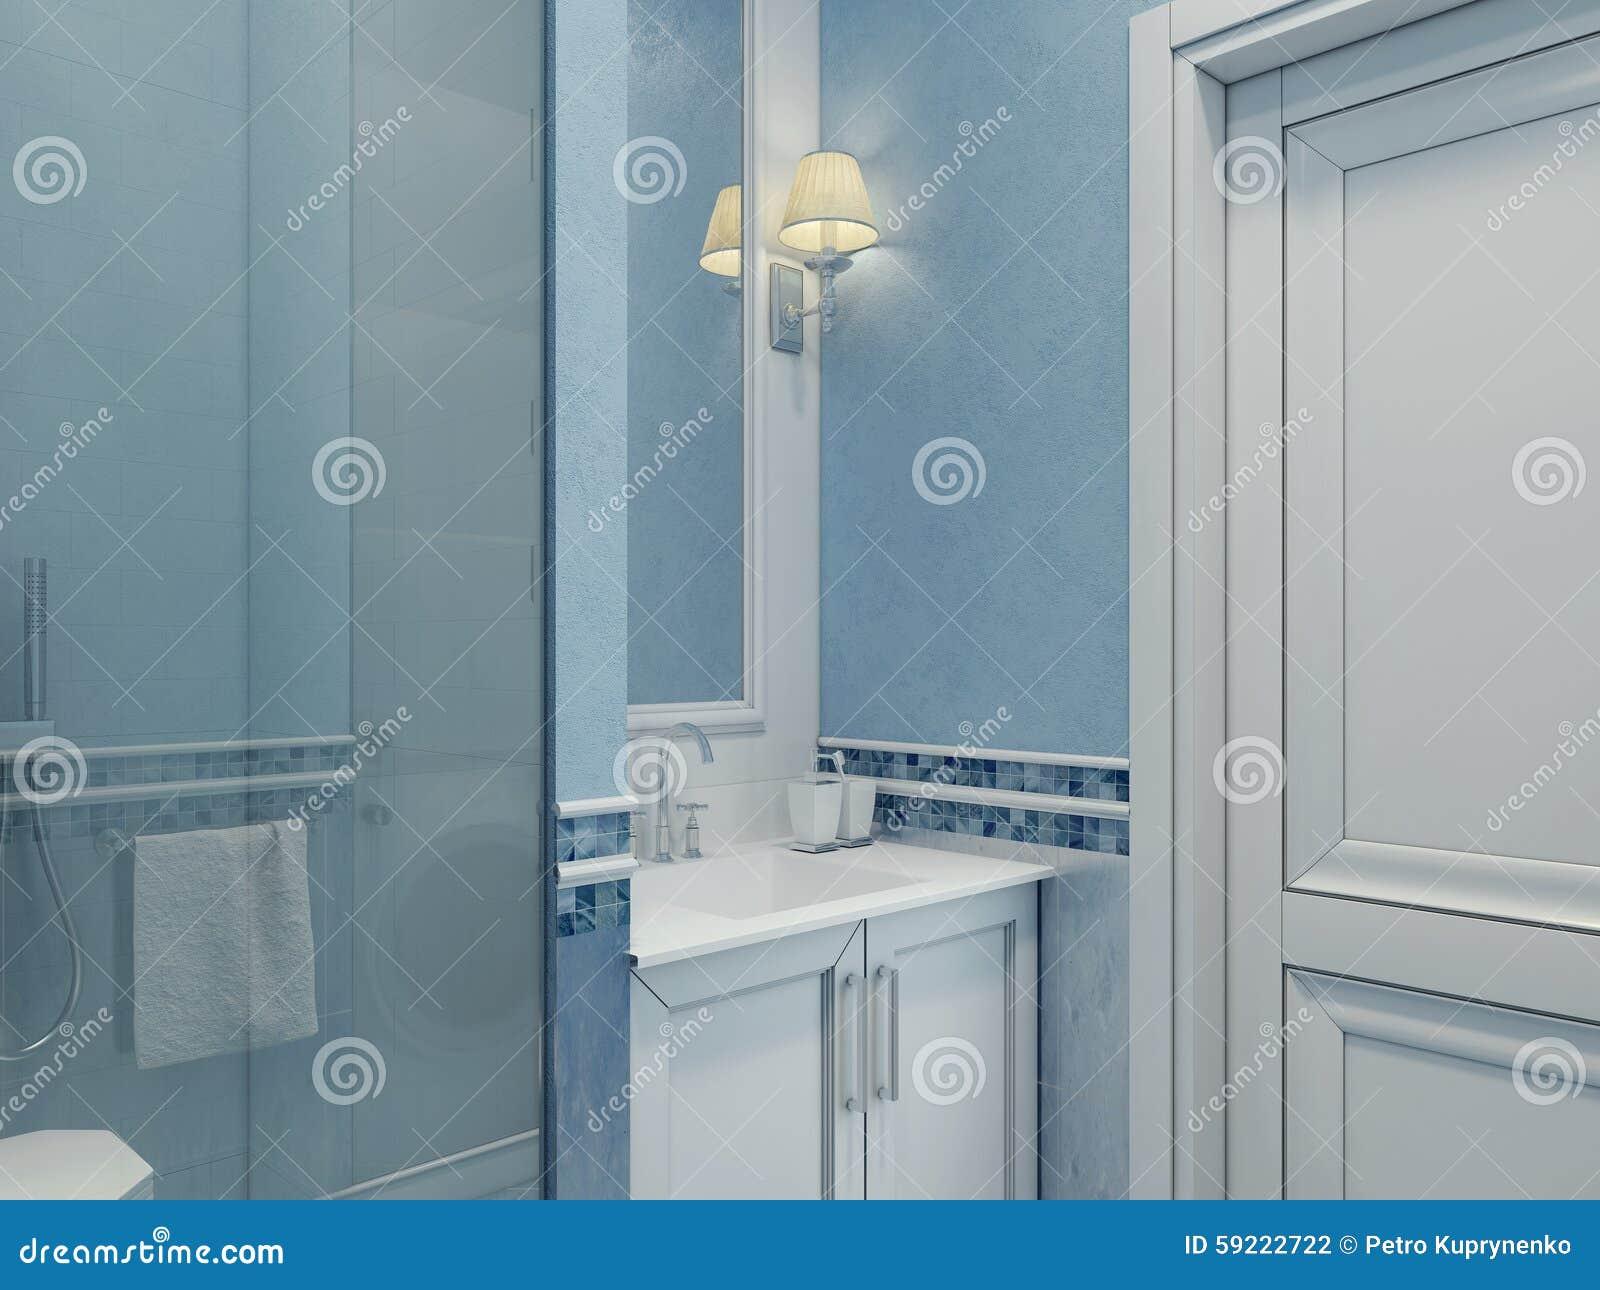 Diseño De Cuarto De Baño Moderno Foto de archivo - Imagen de ...